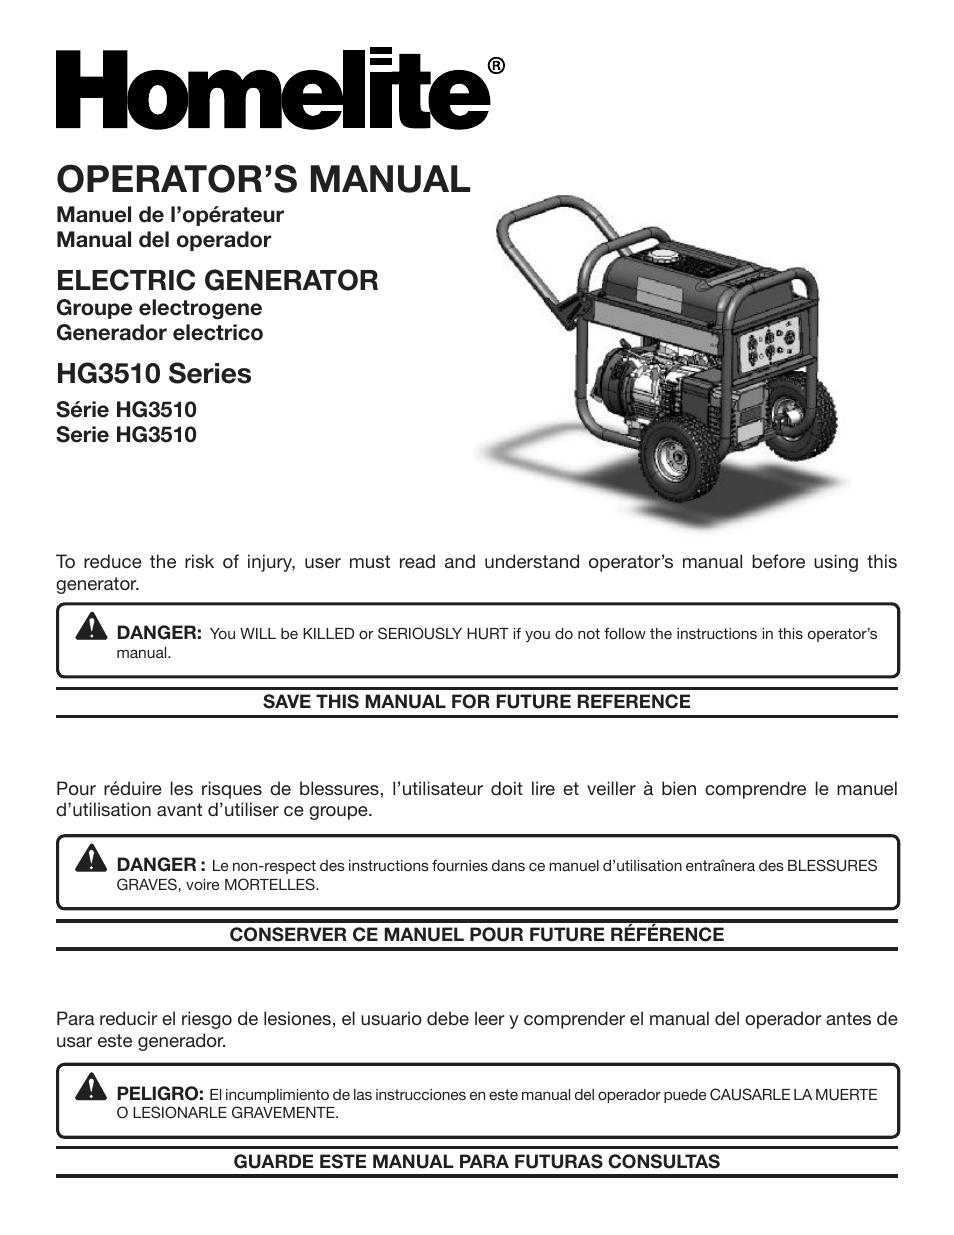 homelite hg3510 user manual 44 pages rh manualsdir com Homelite 330 Owner's Manual Homelite Blower Vac Manual